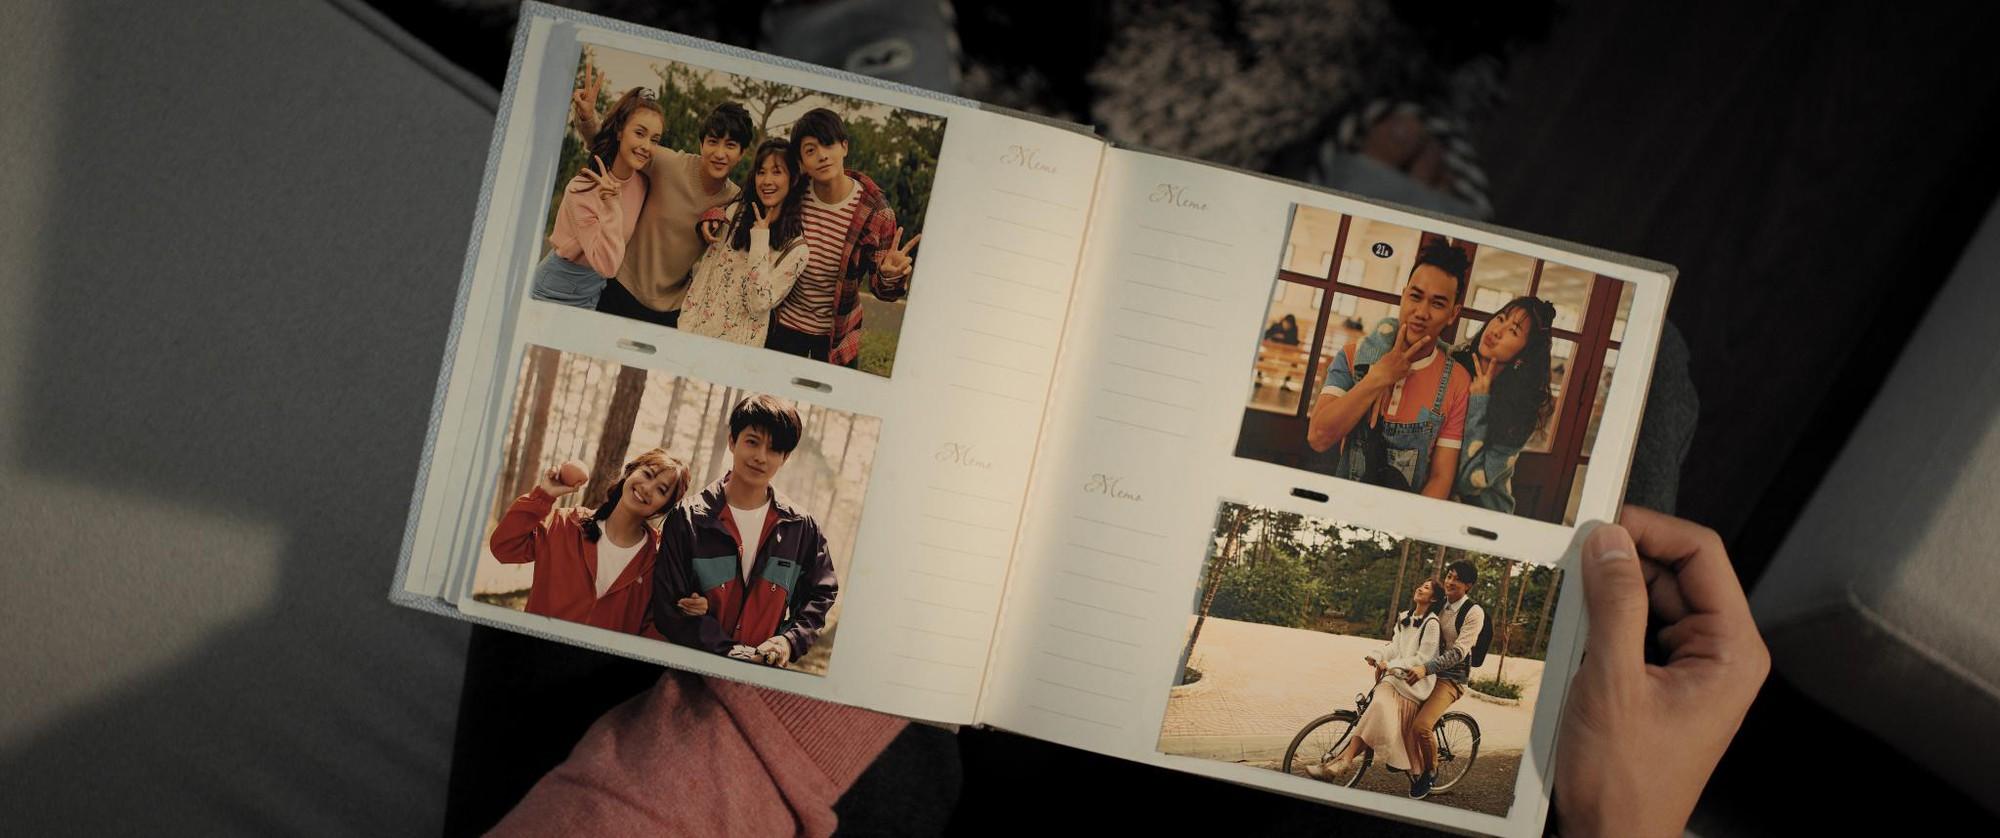 Harry Lu gây xúc động với vai diễn trở lại màn ảnh rộng sau tai nạn giao thông nghiêm trọng - Ảnh 2.